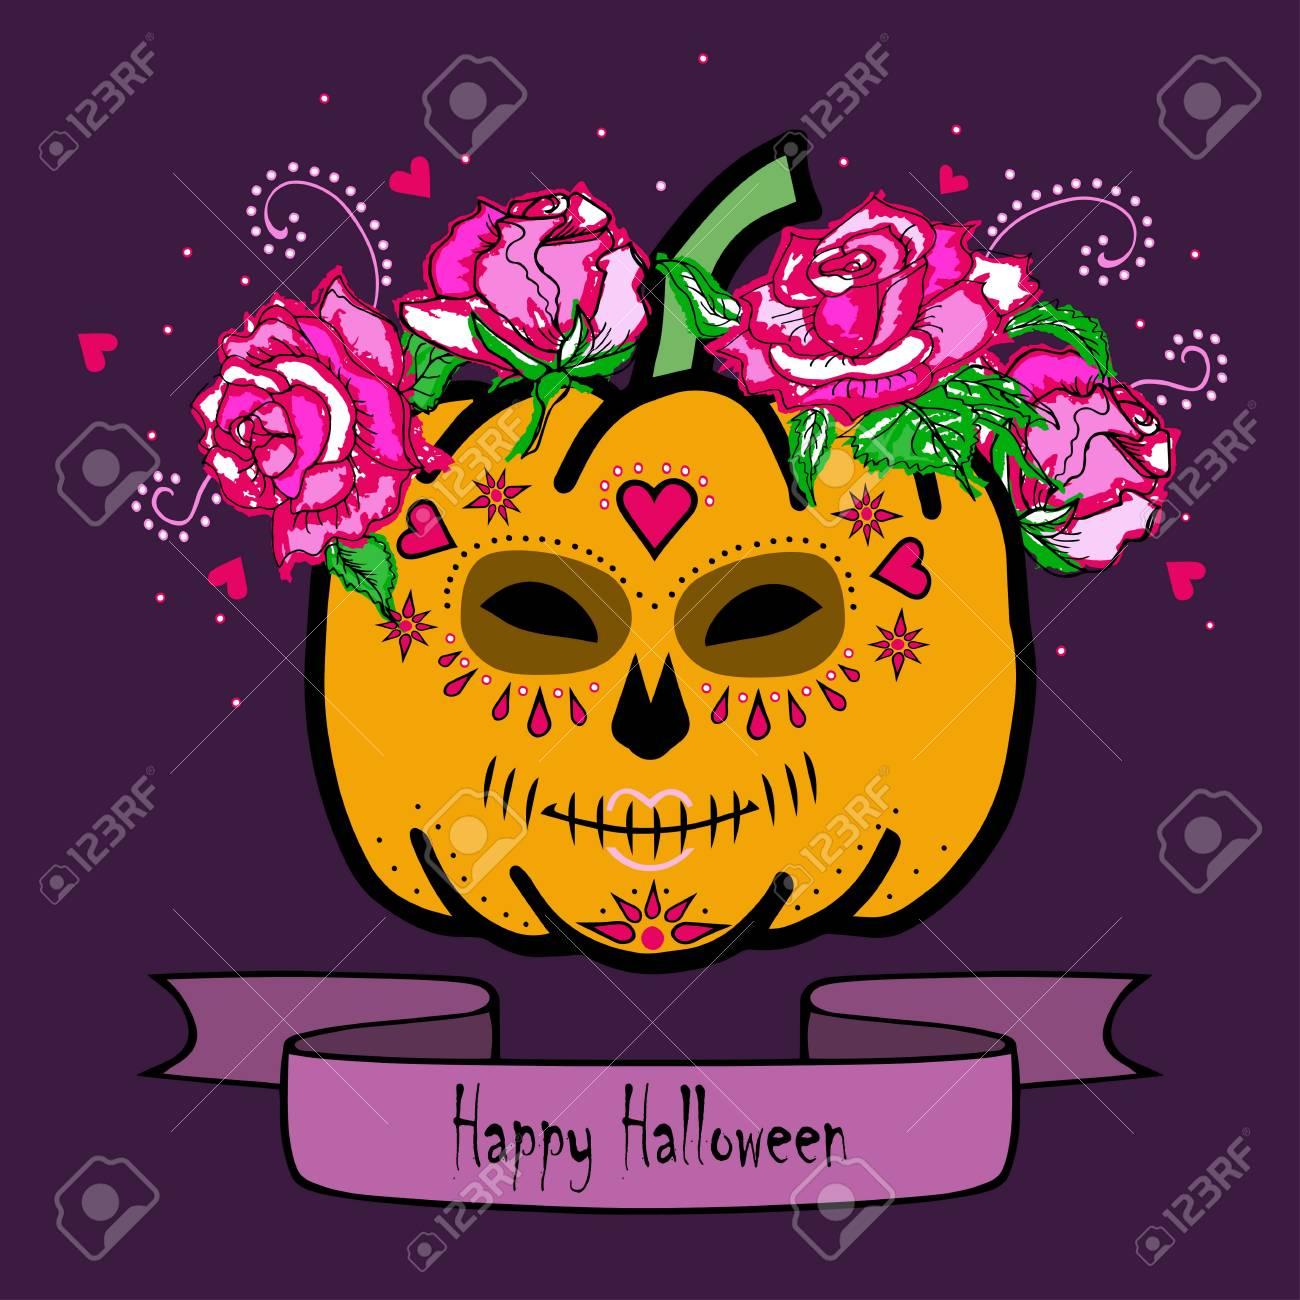 Dag Halloween.Pompoen Met Doodsmasker En Roze Rozen Fijne Halloween Dag Van De Doden Dia De Los Muertos Geisoleerd Op Witte Achtergrond Vector